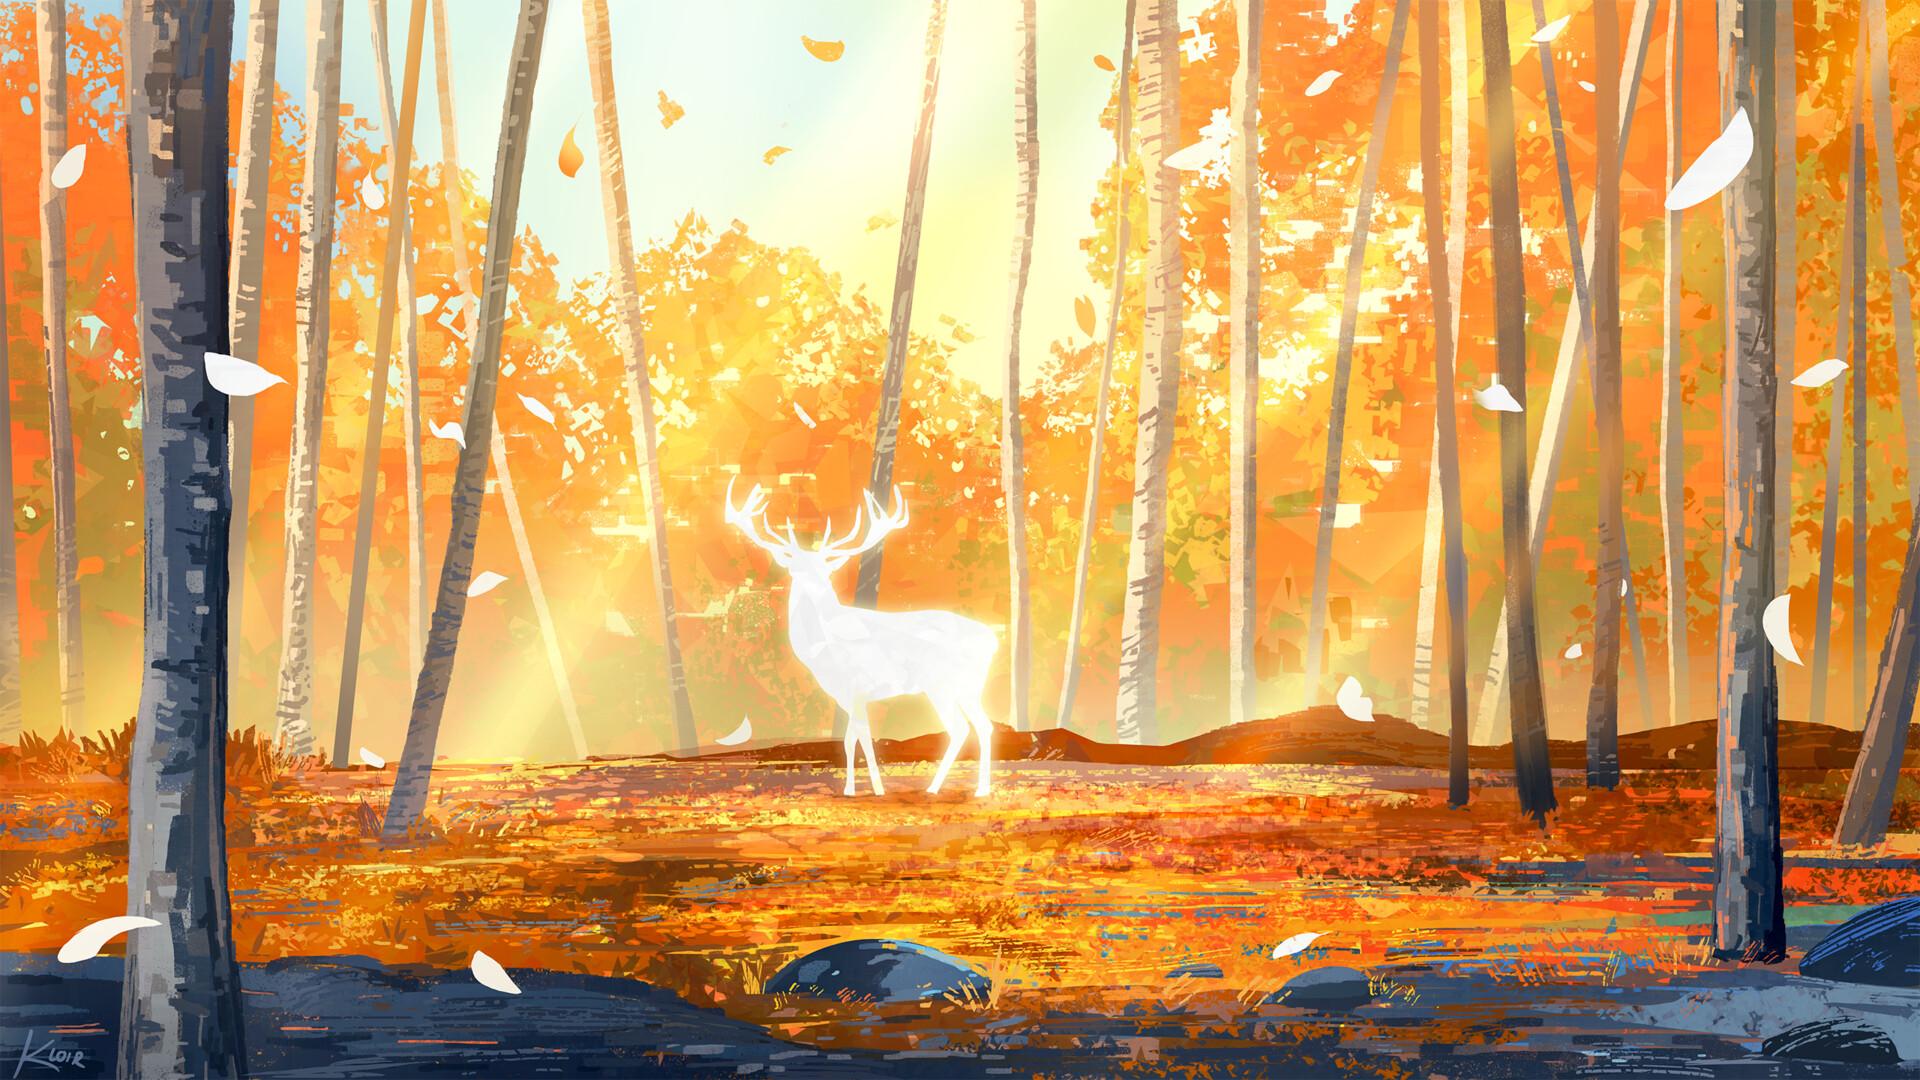 General 1920x1080 digital painting deer forest Samantha Lee leaves